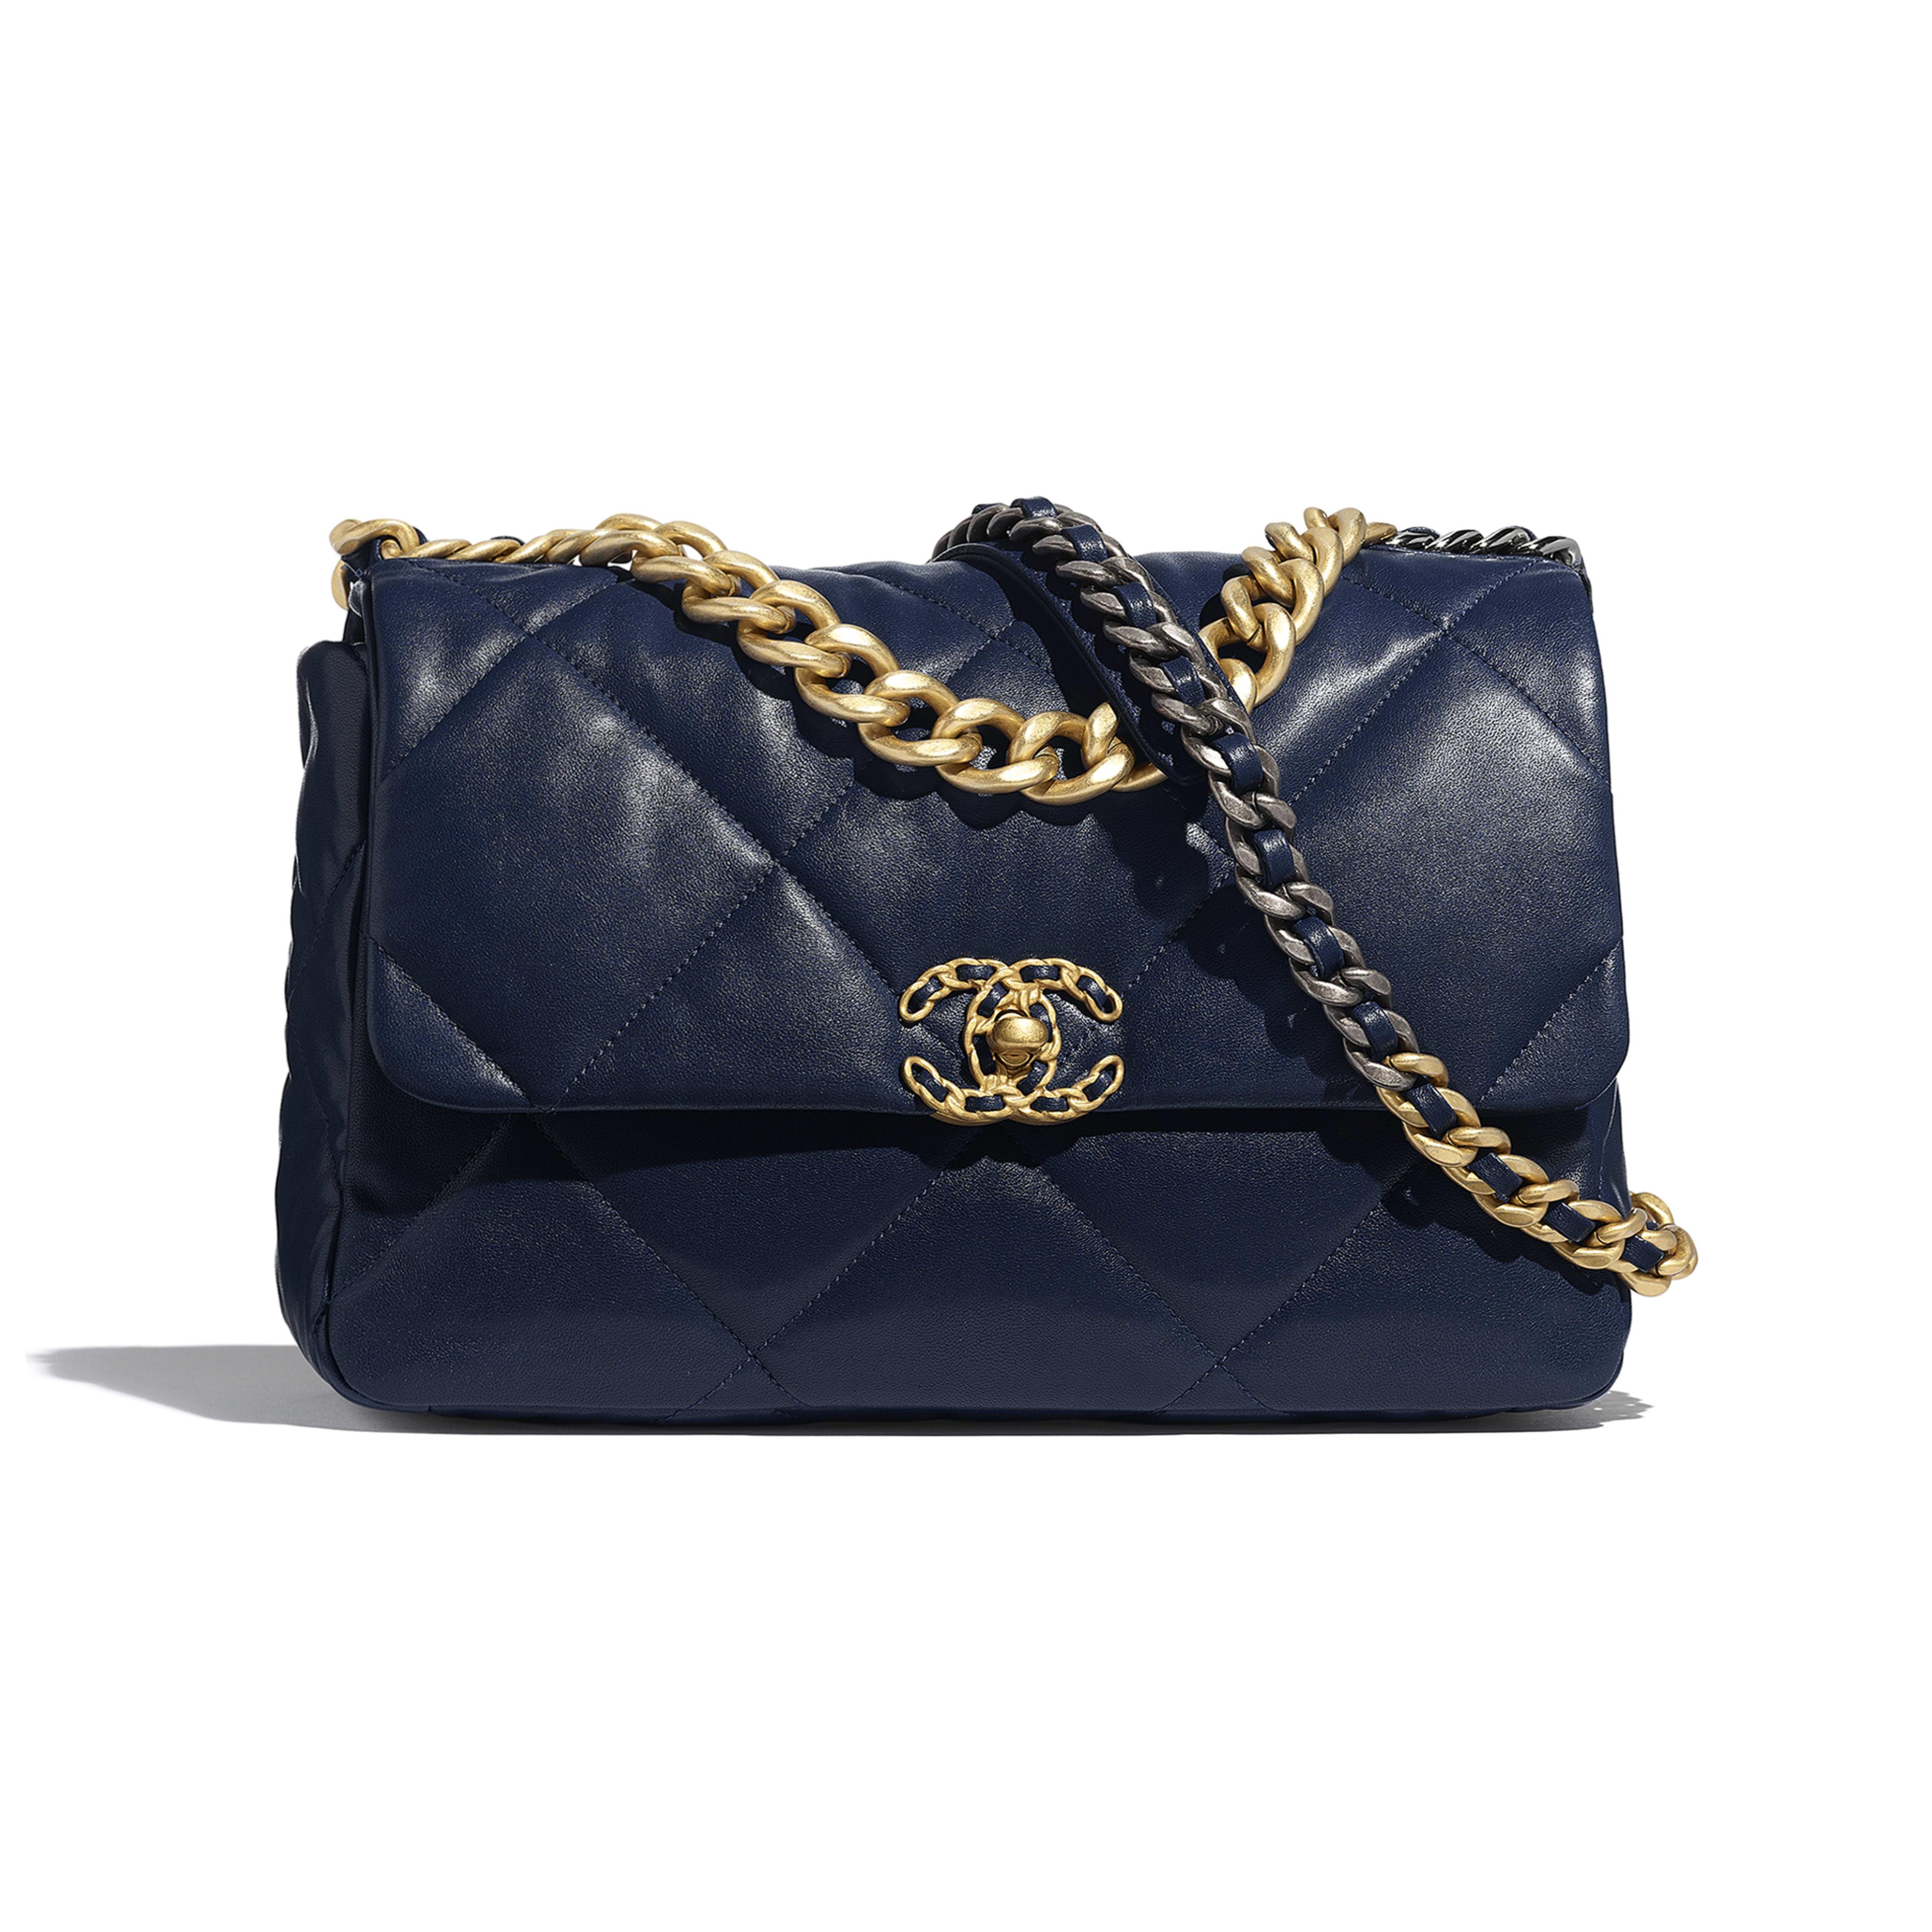 กระเป๋าสะพายใบใหญ่ CHANEL 19 - สีน้ำเงินเนวี่บลู - หนังแกะ โลหะสีทอง โลหะสีเงิน และโลหะเคลือบรูทีเนียม - มุมมองปัจจุบัน - ดูเวอร์ชันขนาดเต็ม